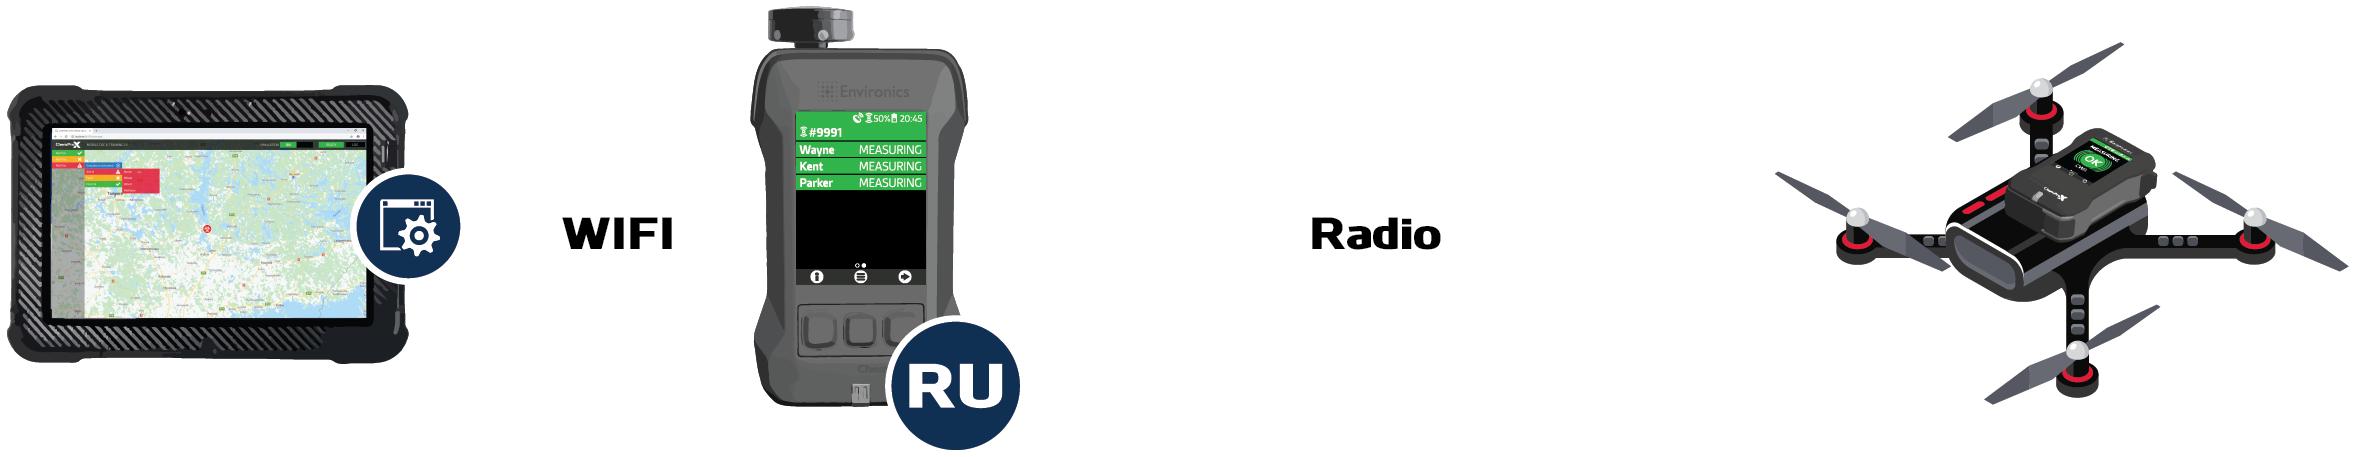 ChemProX RU Connection